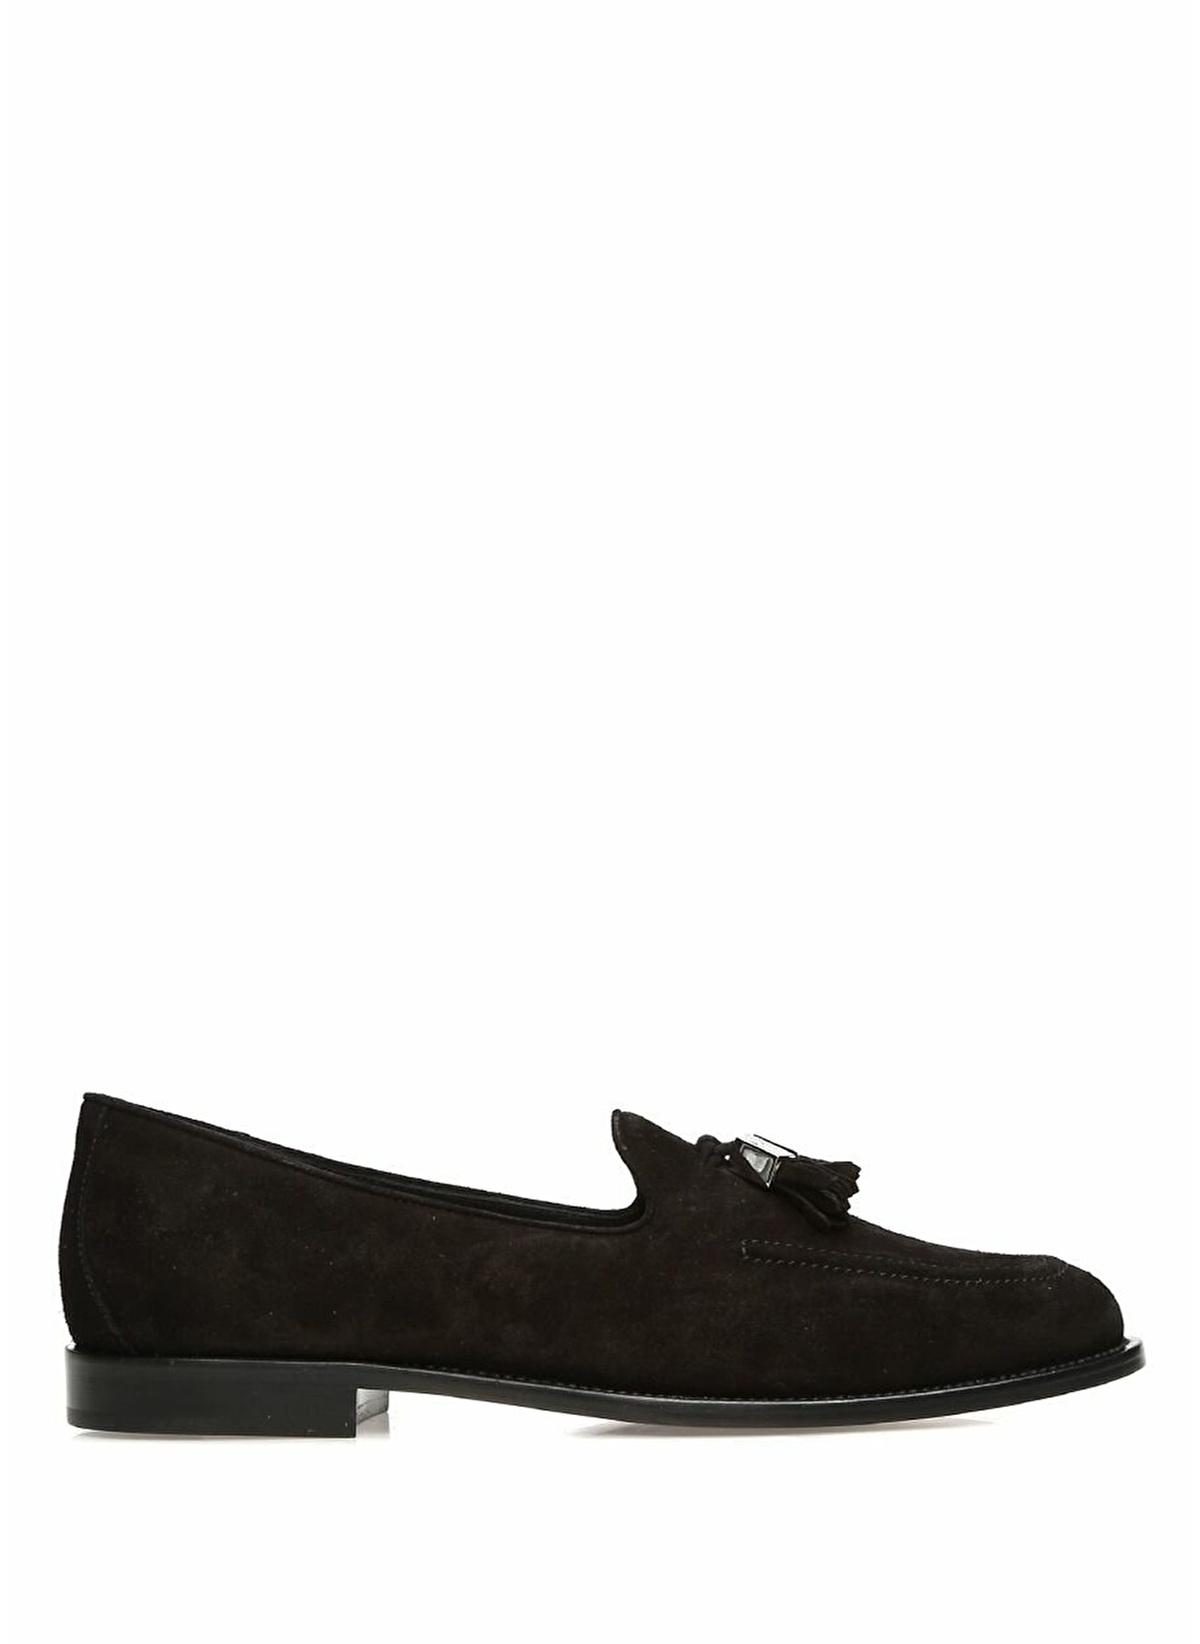 Giuseppe Zanotti %100 Deri Loafer Ayakkabı 3210.0 Tl